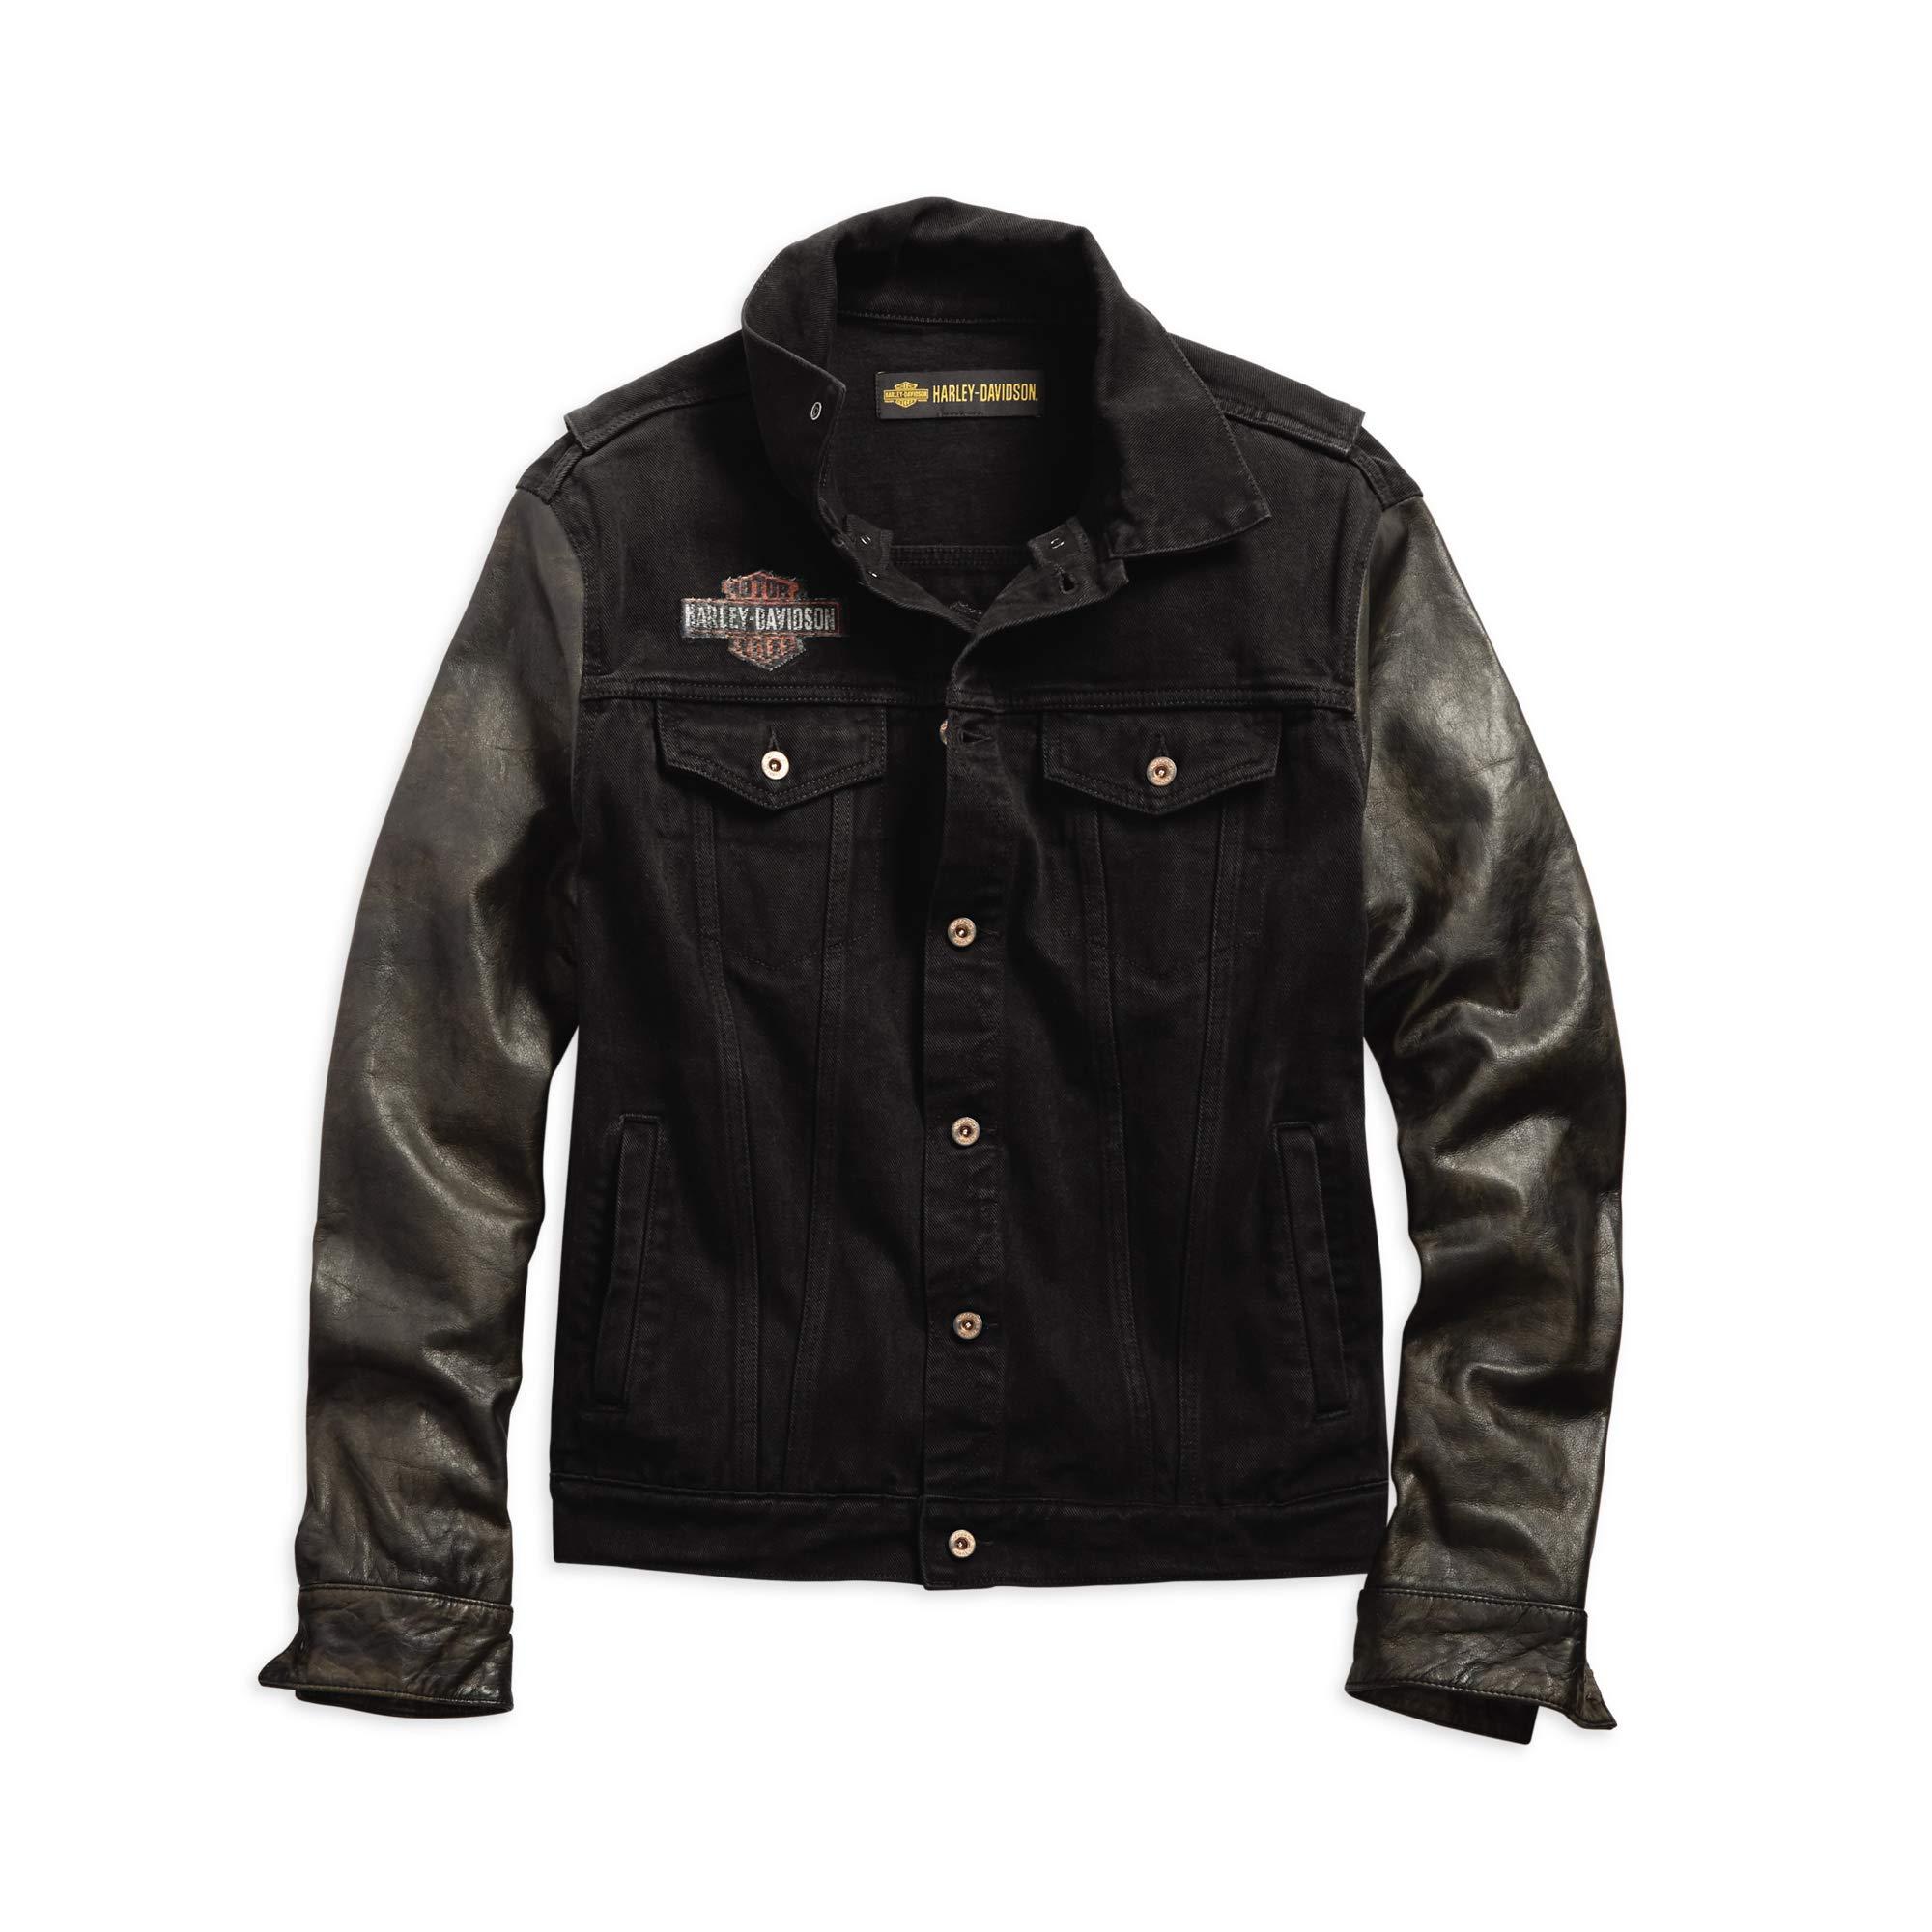 HARLEY-DAVIDSON Men's Leather Sleeve Slim Fit Denim Jacket, Black by HARLEY-DAVIDSON